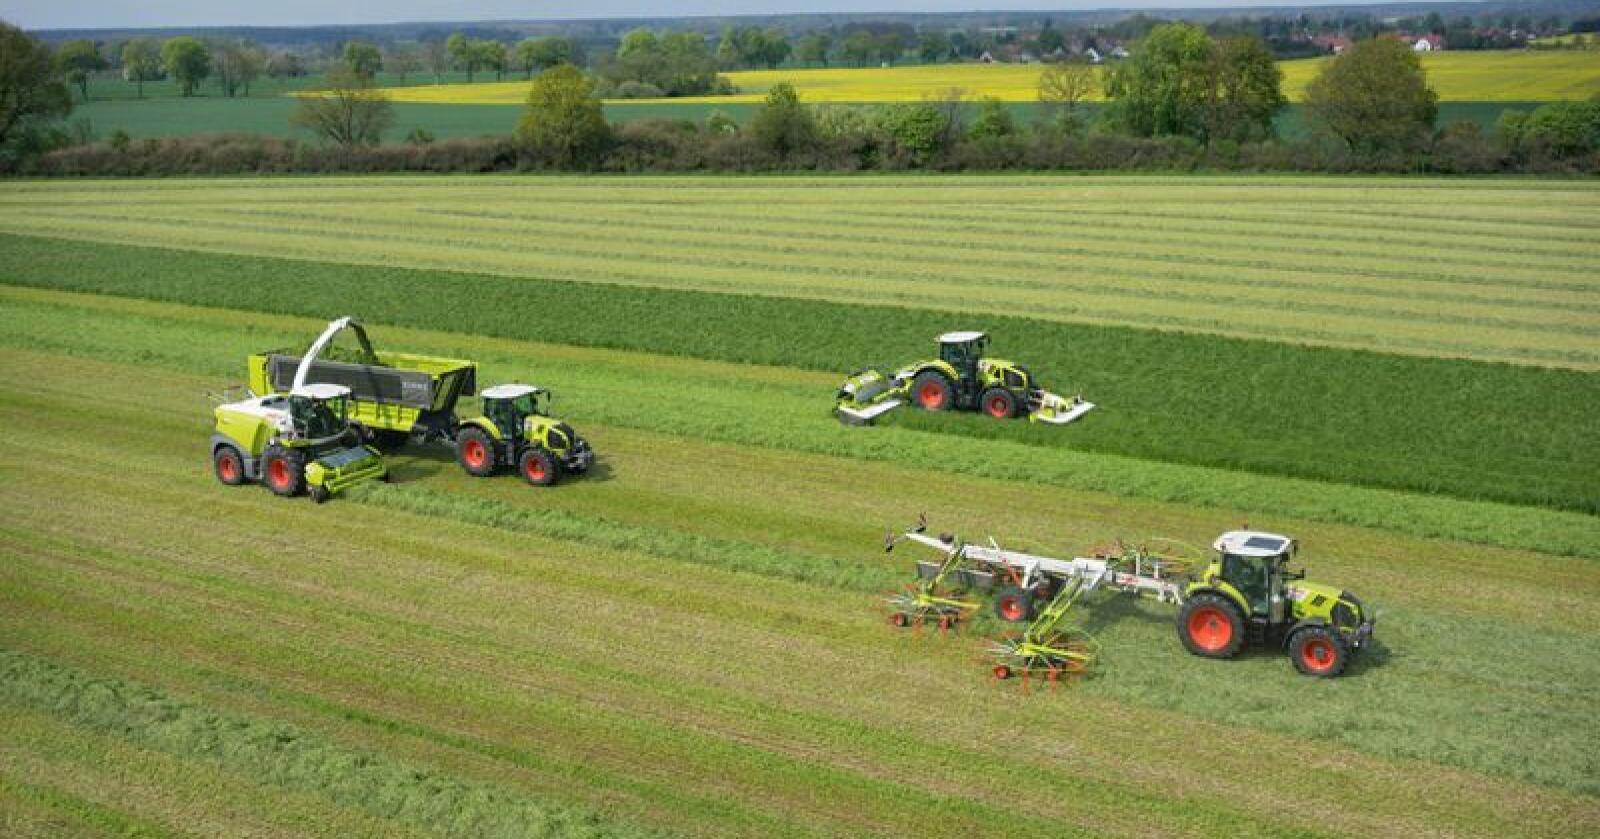 På Claas Grascamp vises flere ulike mekaniseringslinjer for grashøsting. (Foto: Norwegian Agro Machinery AS)